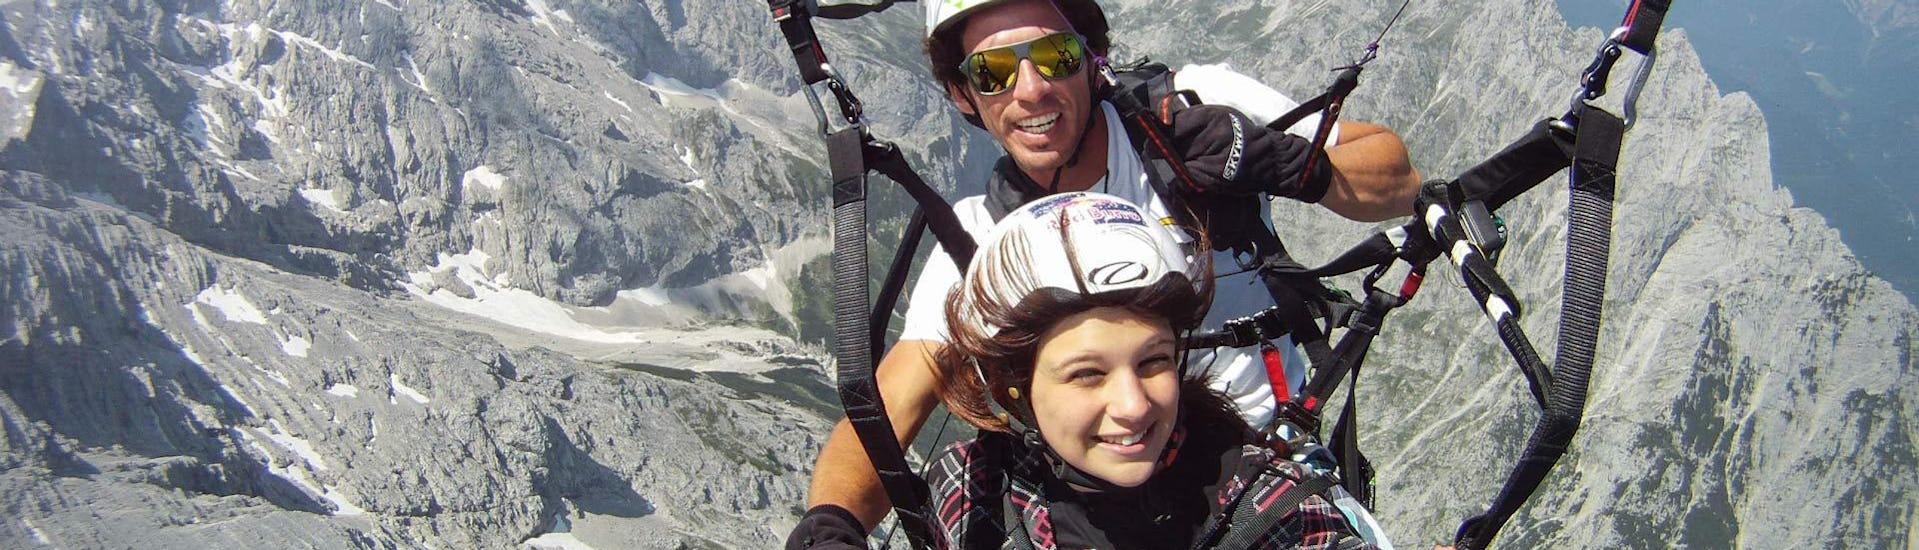 Tandem Paragliding in Garmisch-Partenkirchen - Early Bird